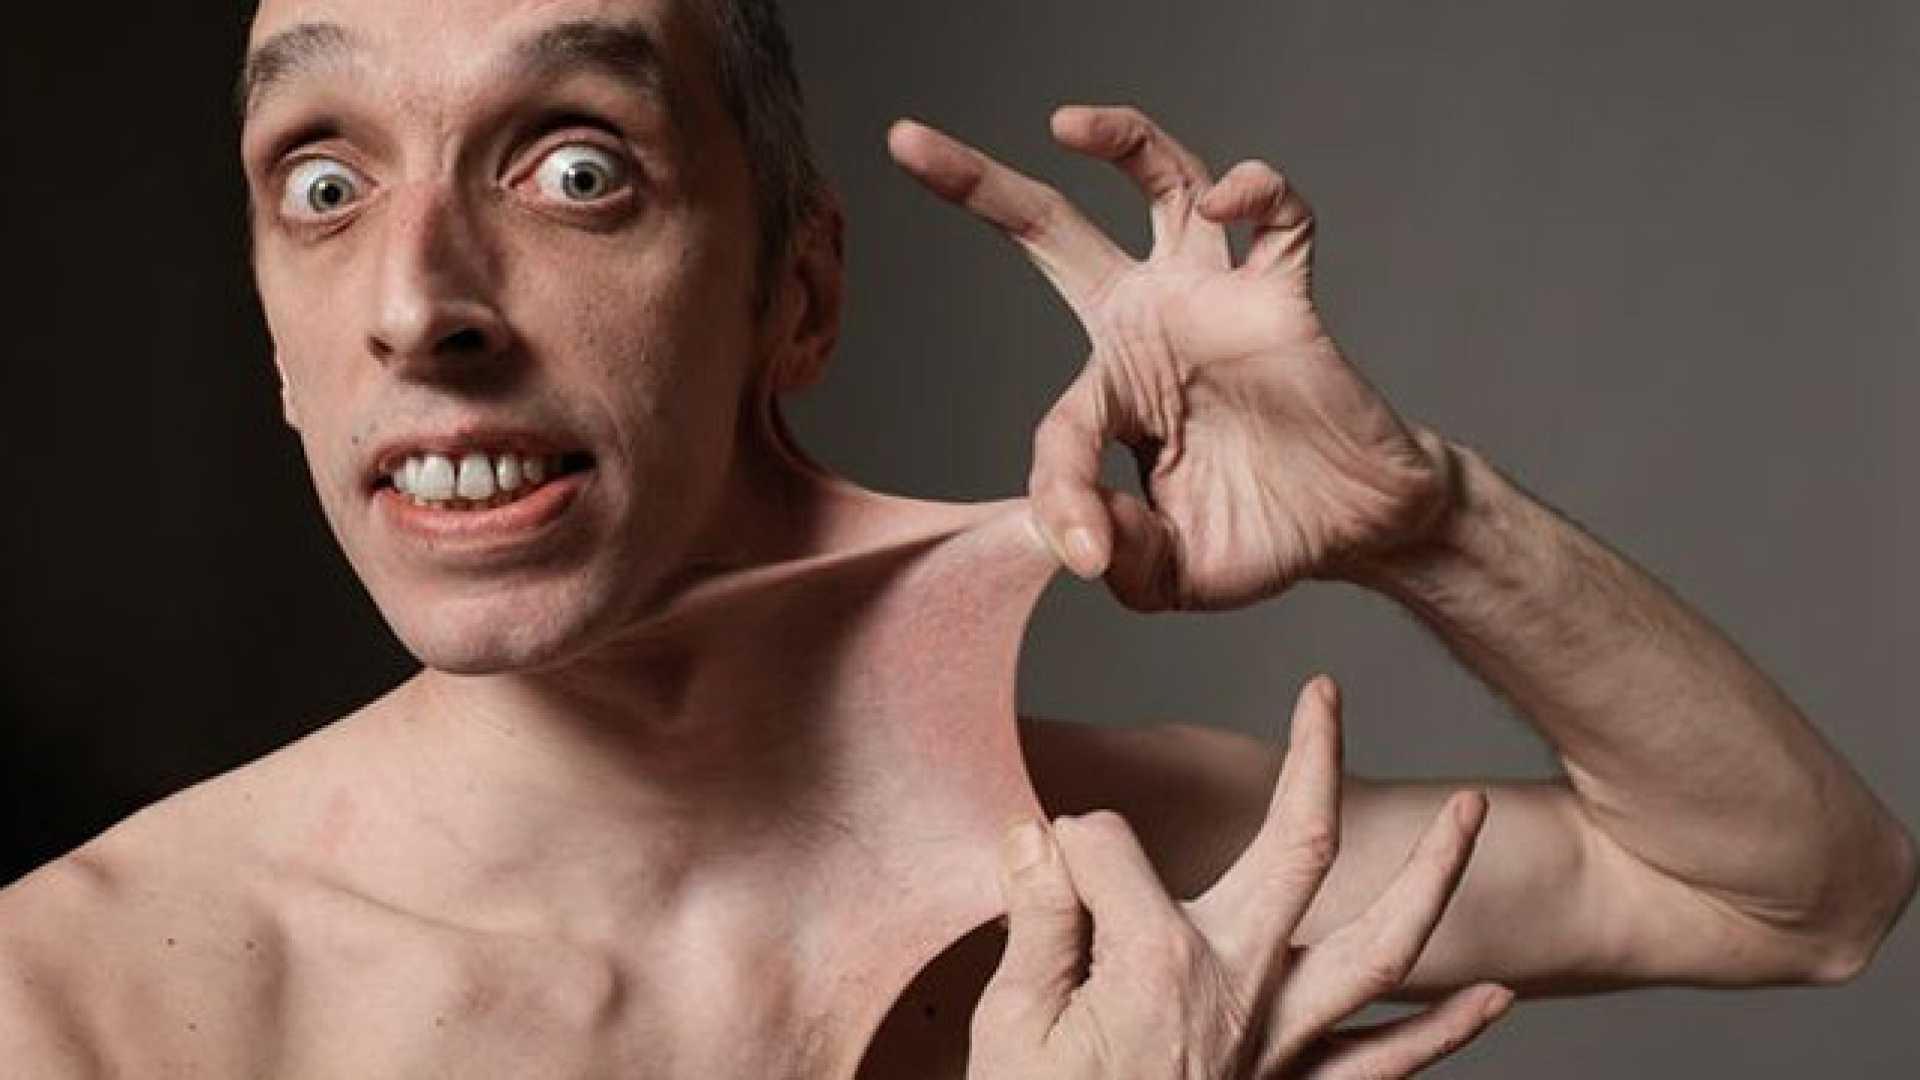 A kollagén hiánya miatt az Ehlers-Danlos-szindróma ijesztő lehet  <br>Hiányzó kollagén a bőr nyúlásához, ízületi problémákhoz, deformációhoz vezethet